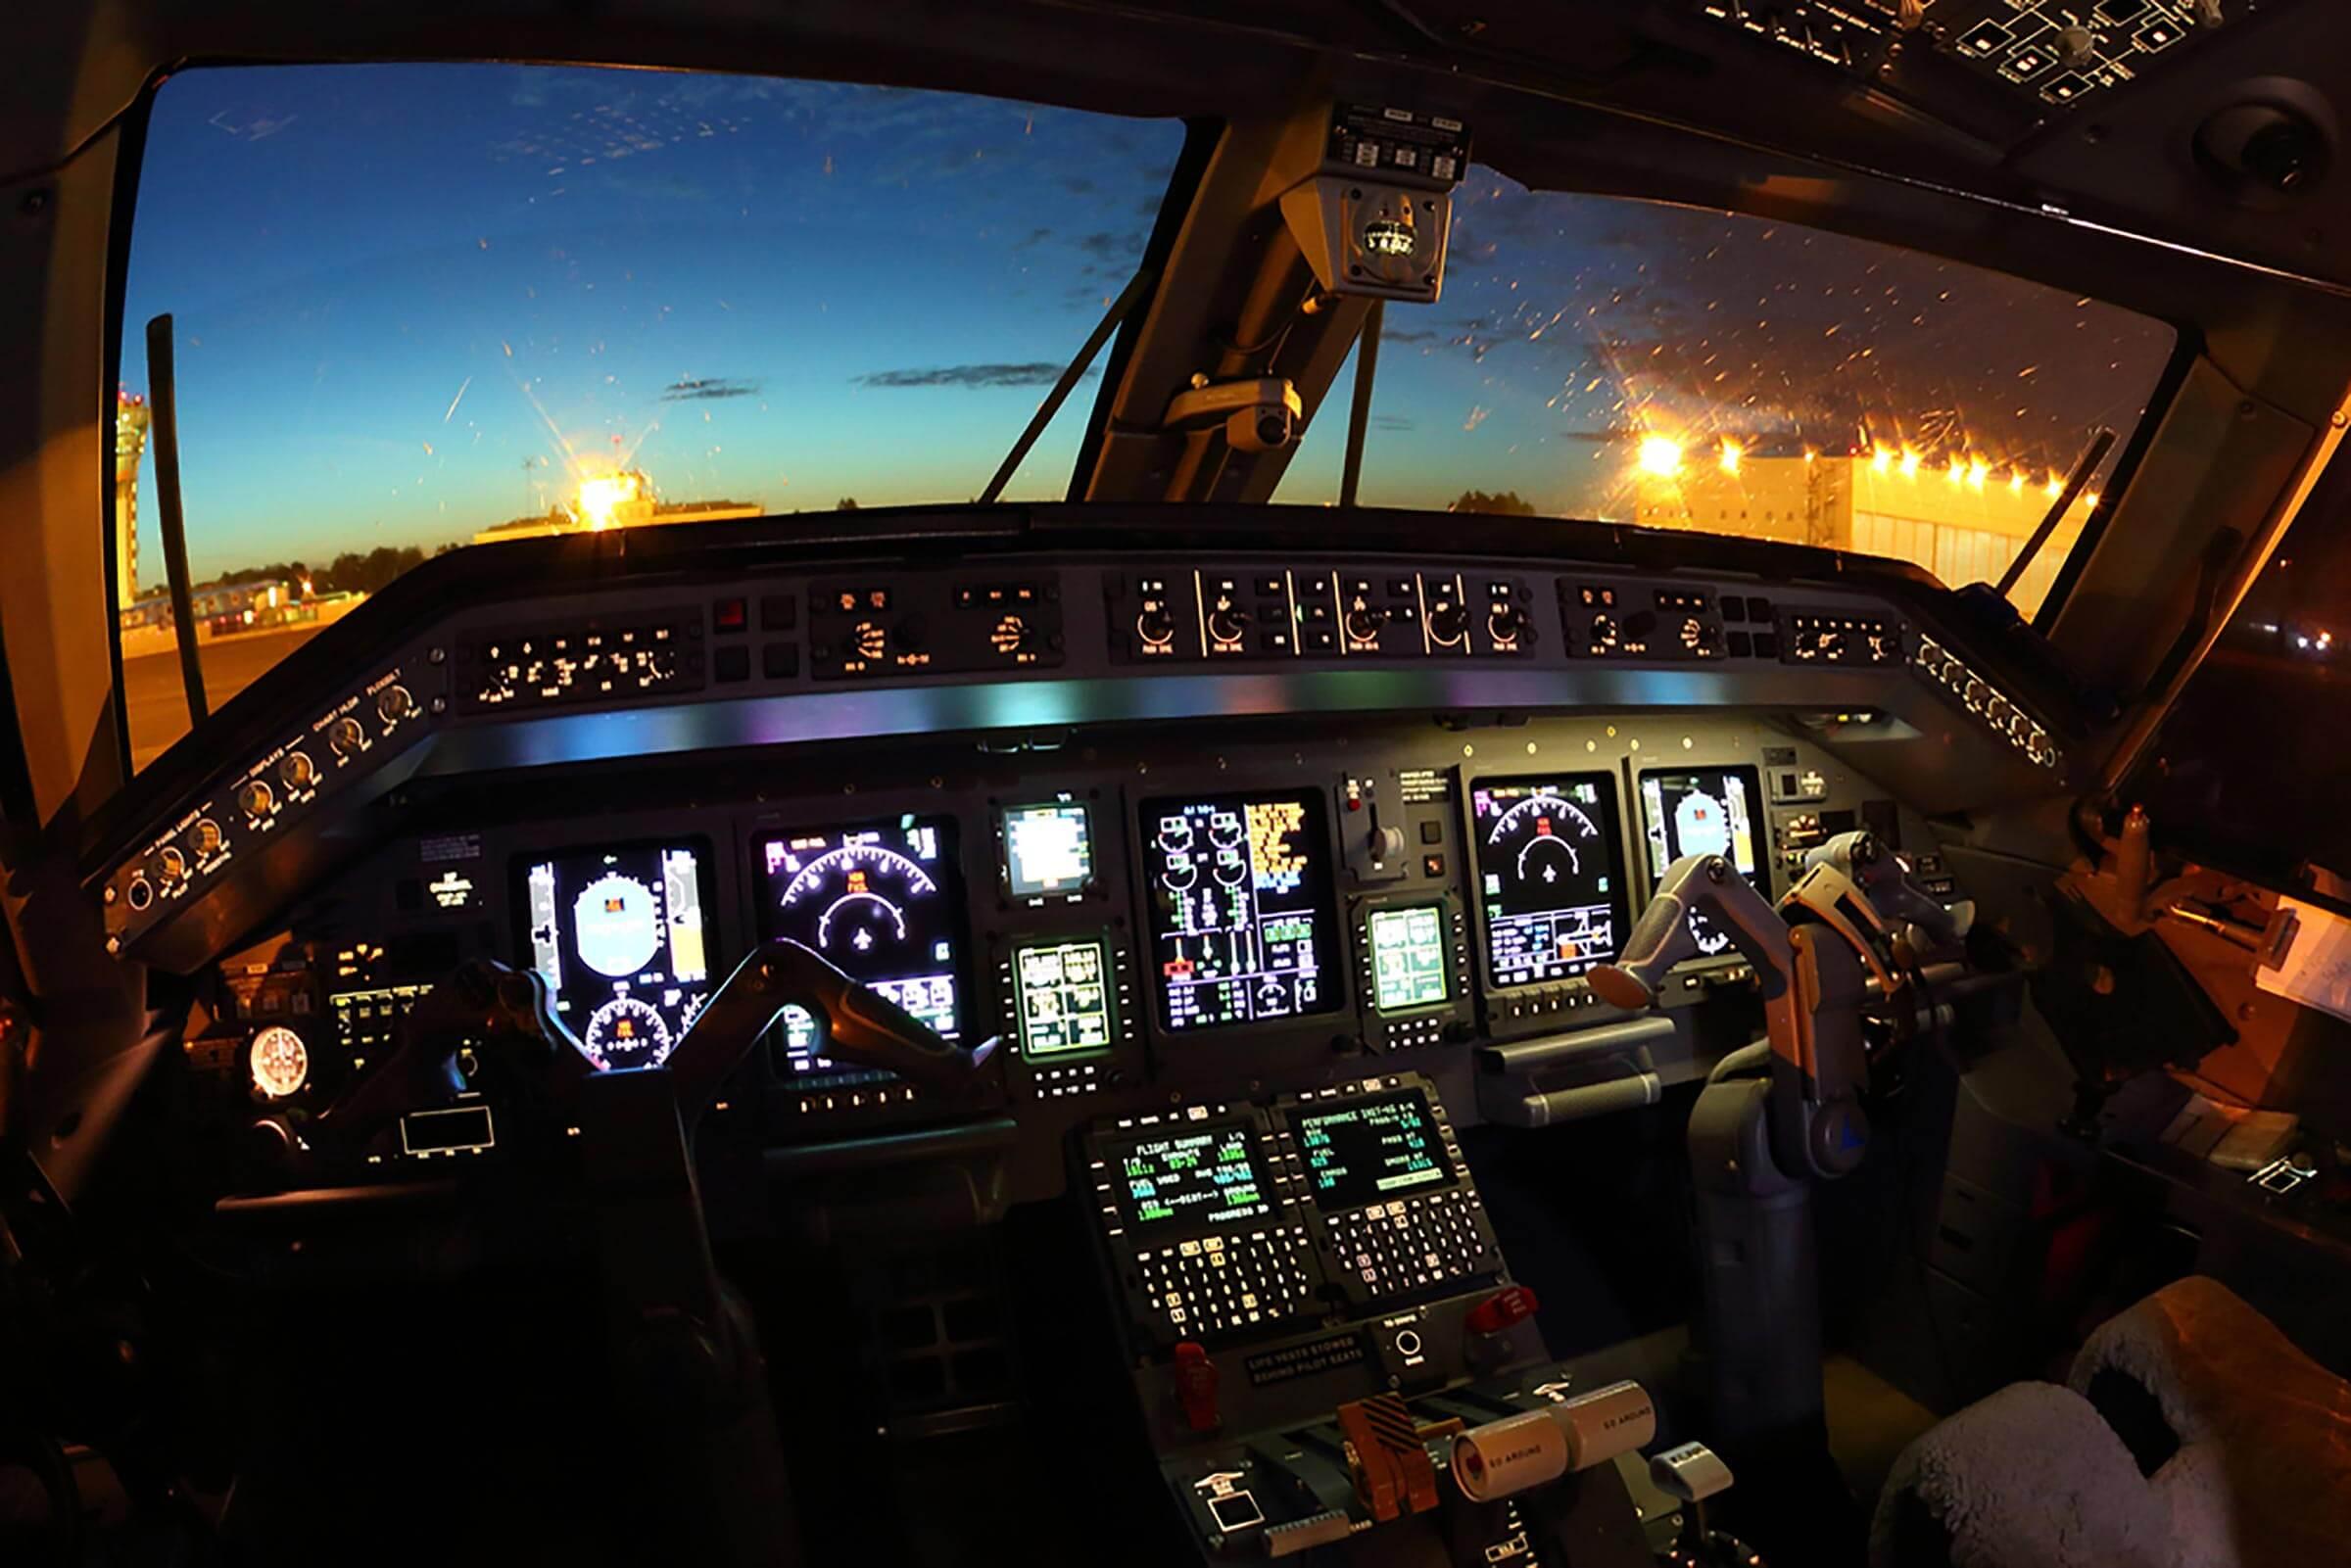 آیا می دانید خلبان اتوماتیک چطور کار می کند